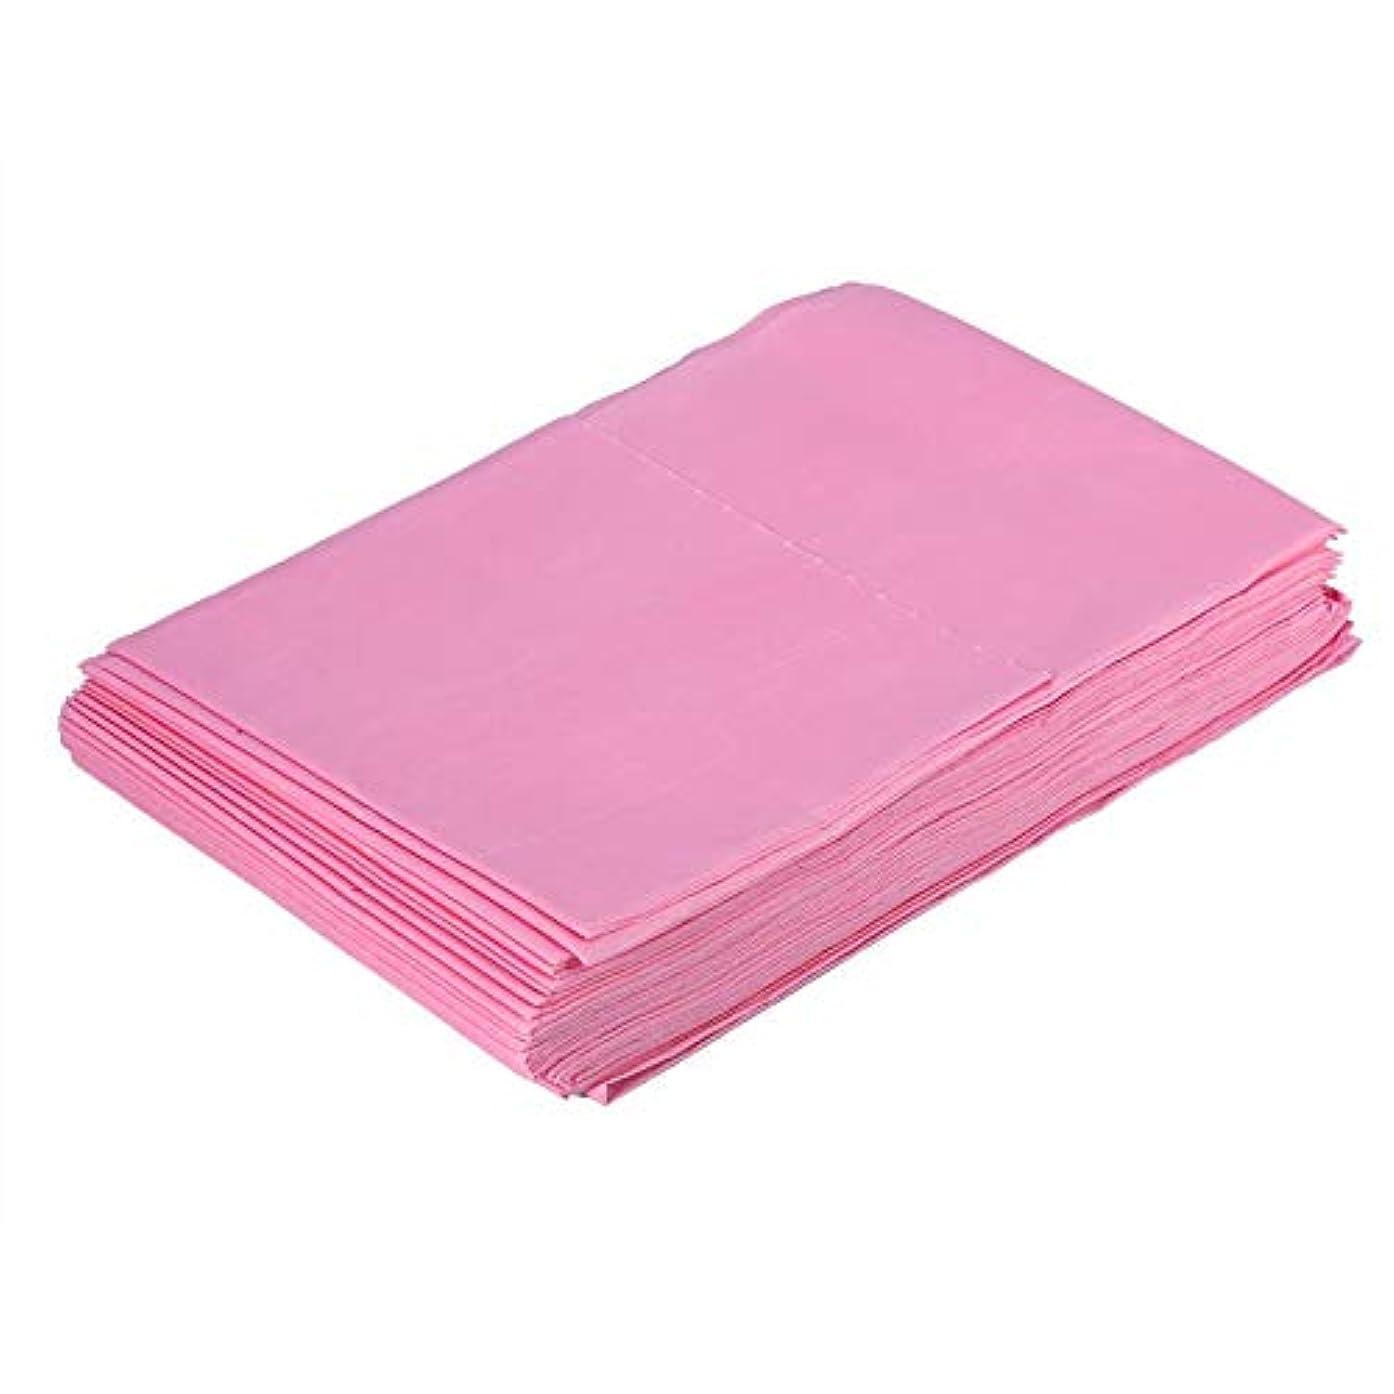 居住者誓約分数使い捨て防水シーツマッサージ美容カバー(ピンク)